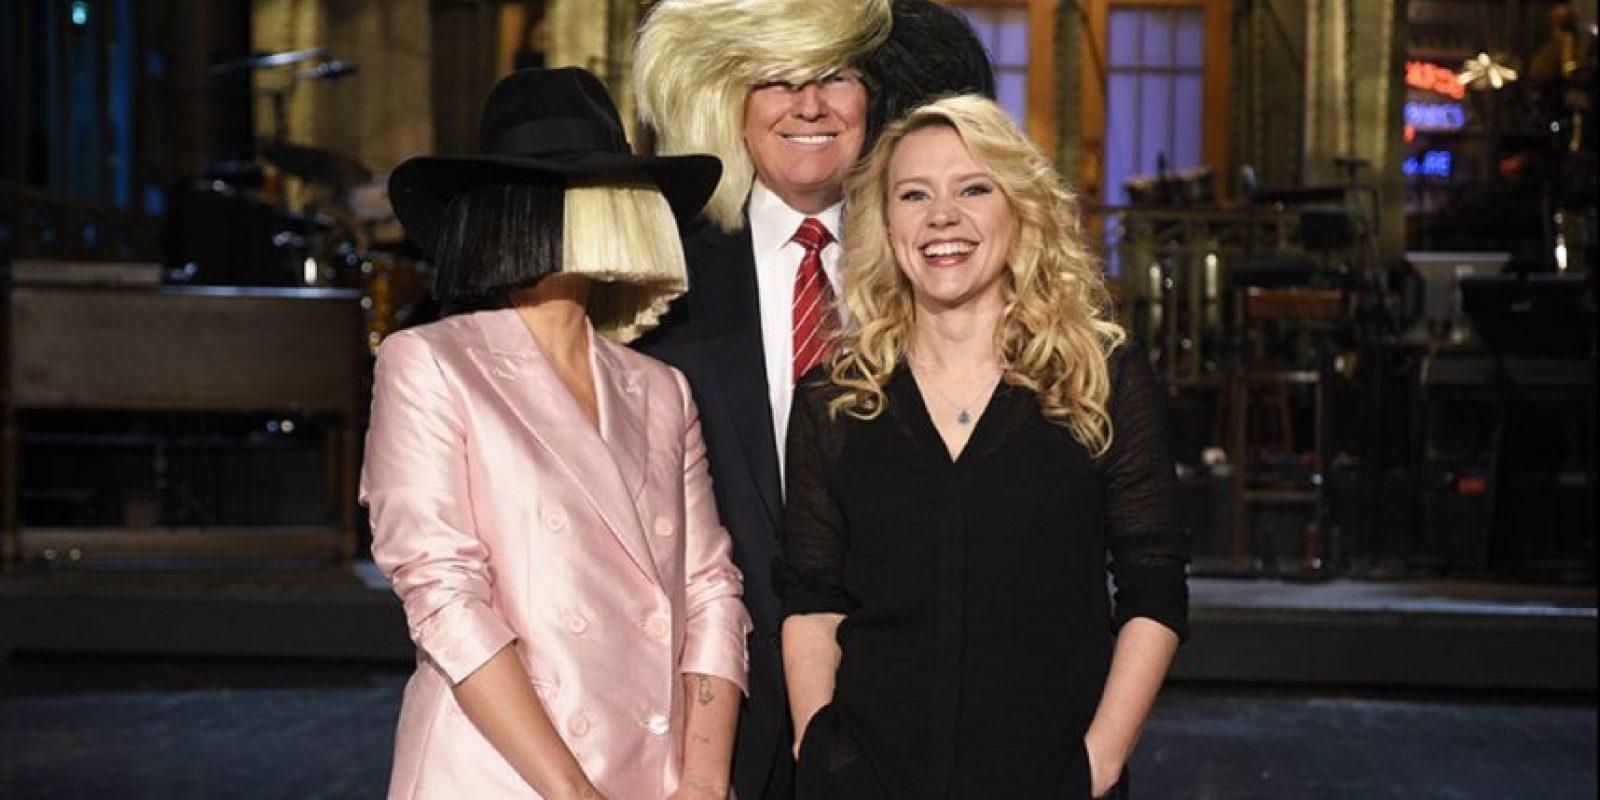 Todo ocurrió durante el promocional en el que el precandidato aparecerá. Foto:Vía Twitter @SNL